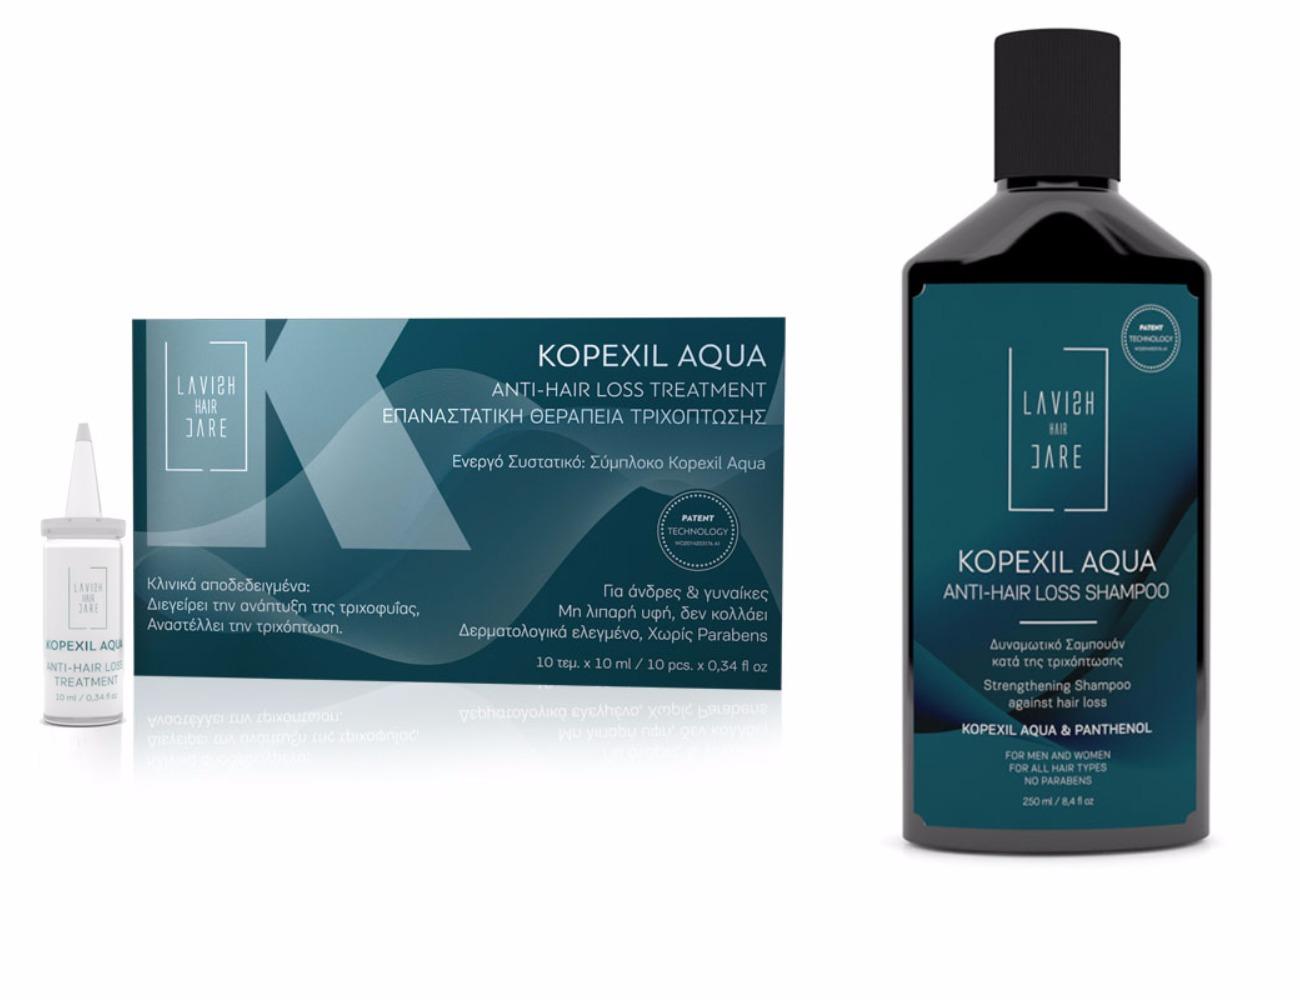 kopexil-aqua